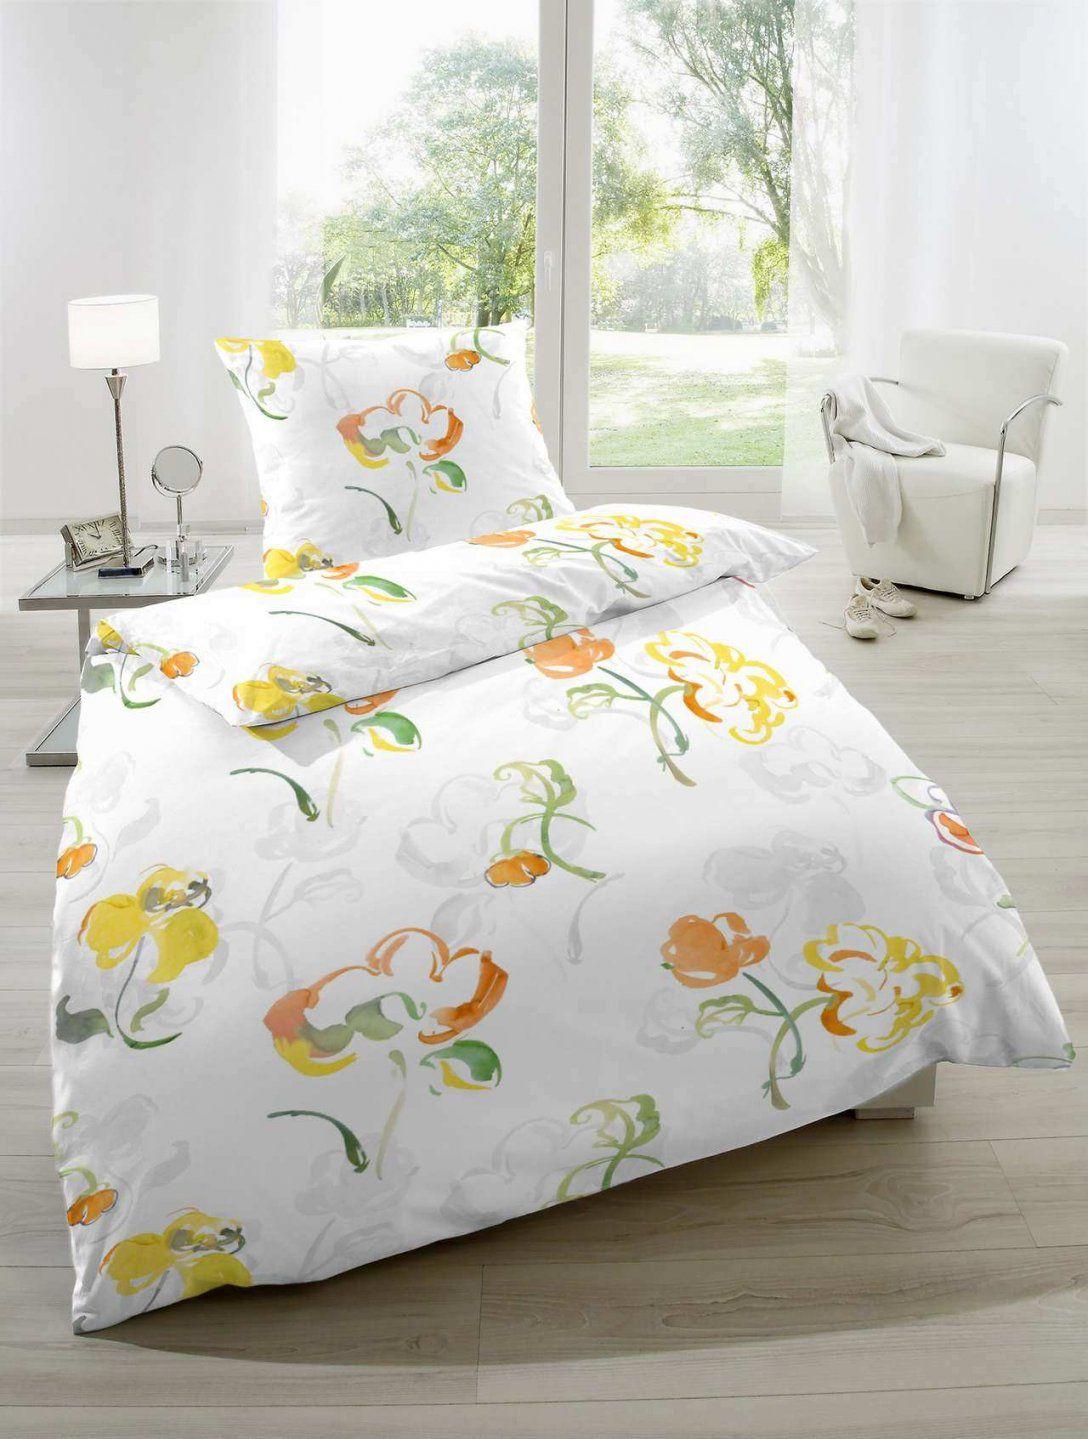 Seersucker Bettwäsche 135X200 Cm Blumen Weiß Gelb  Magita von Microfaser Seersucker Bettwäsche 135X200Cm Bild